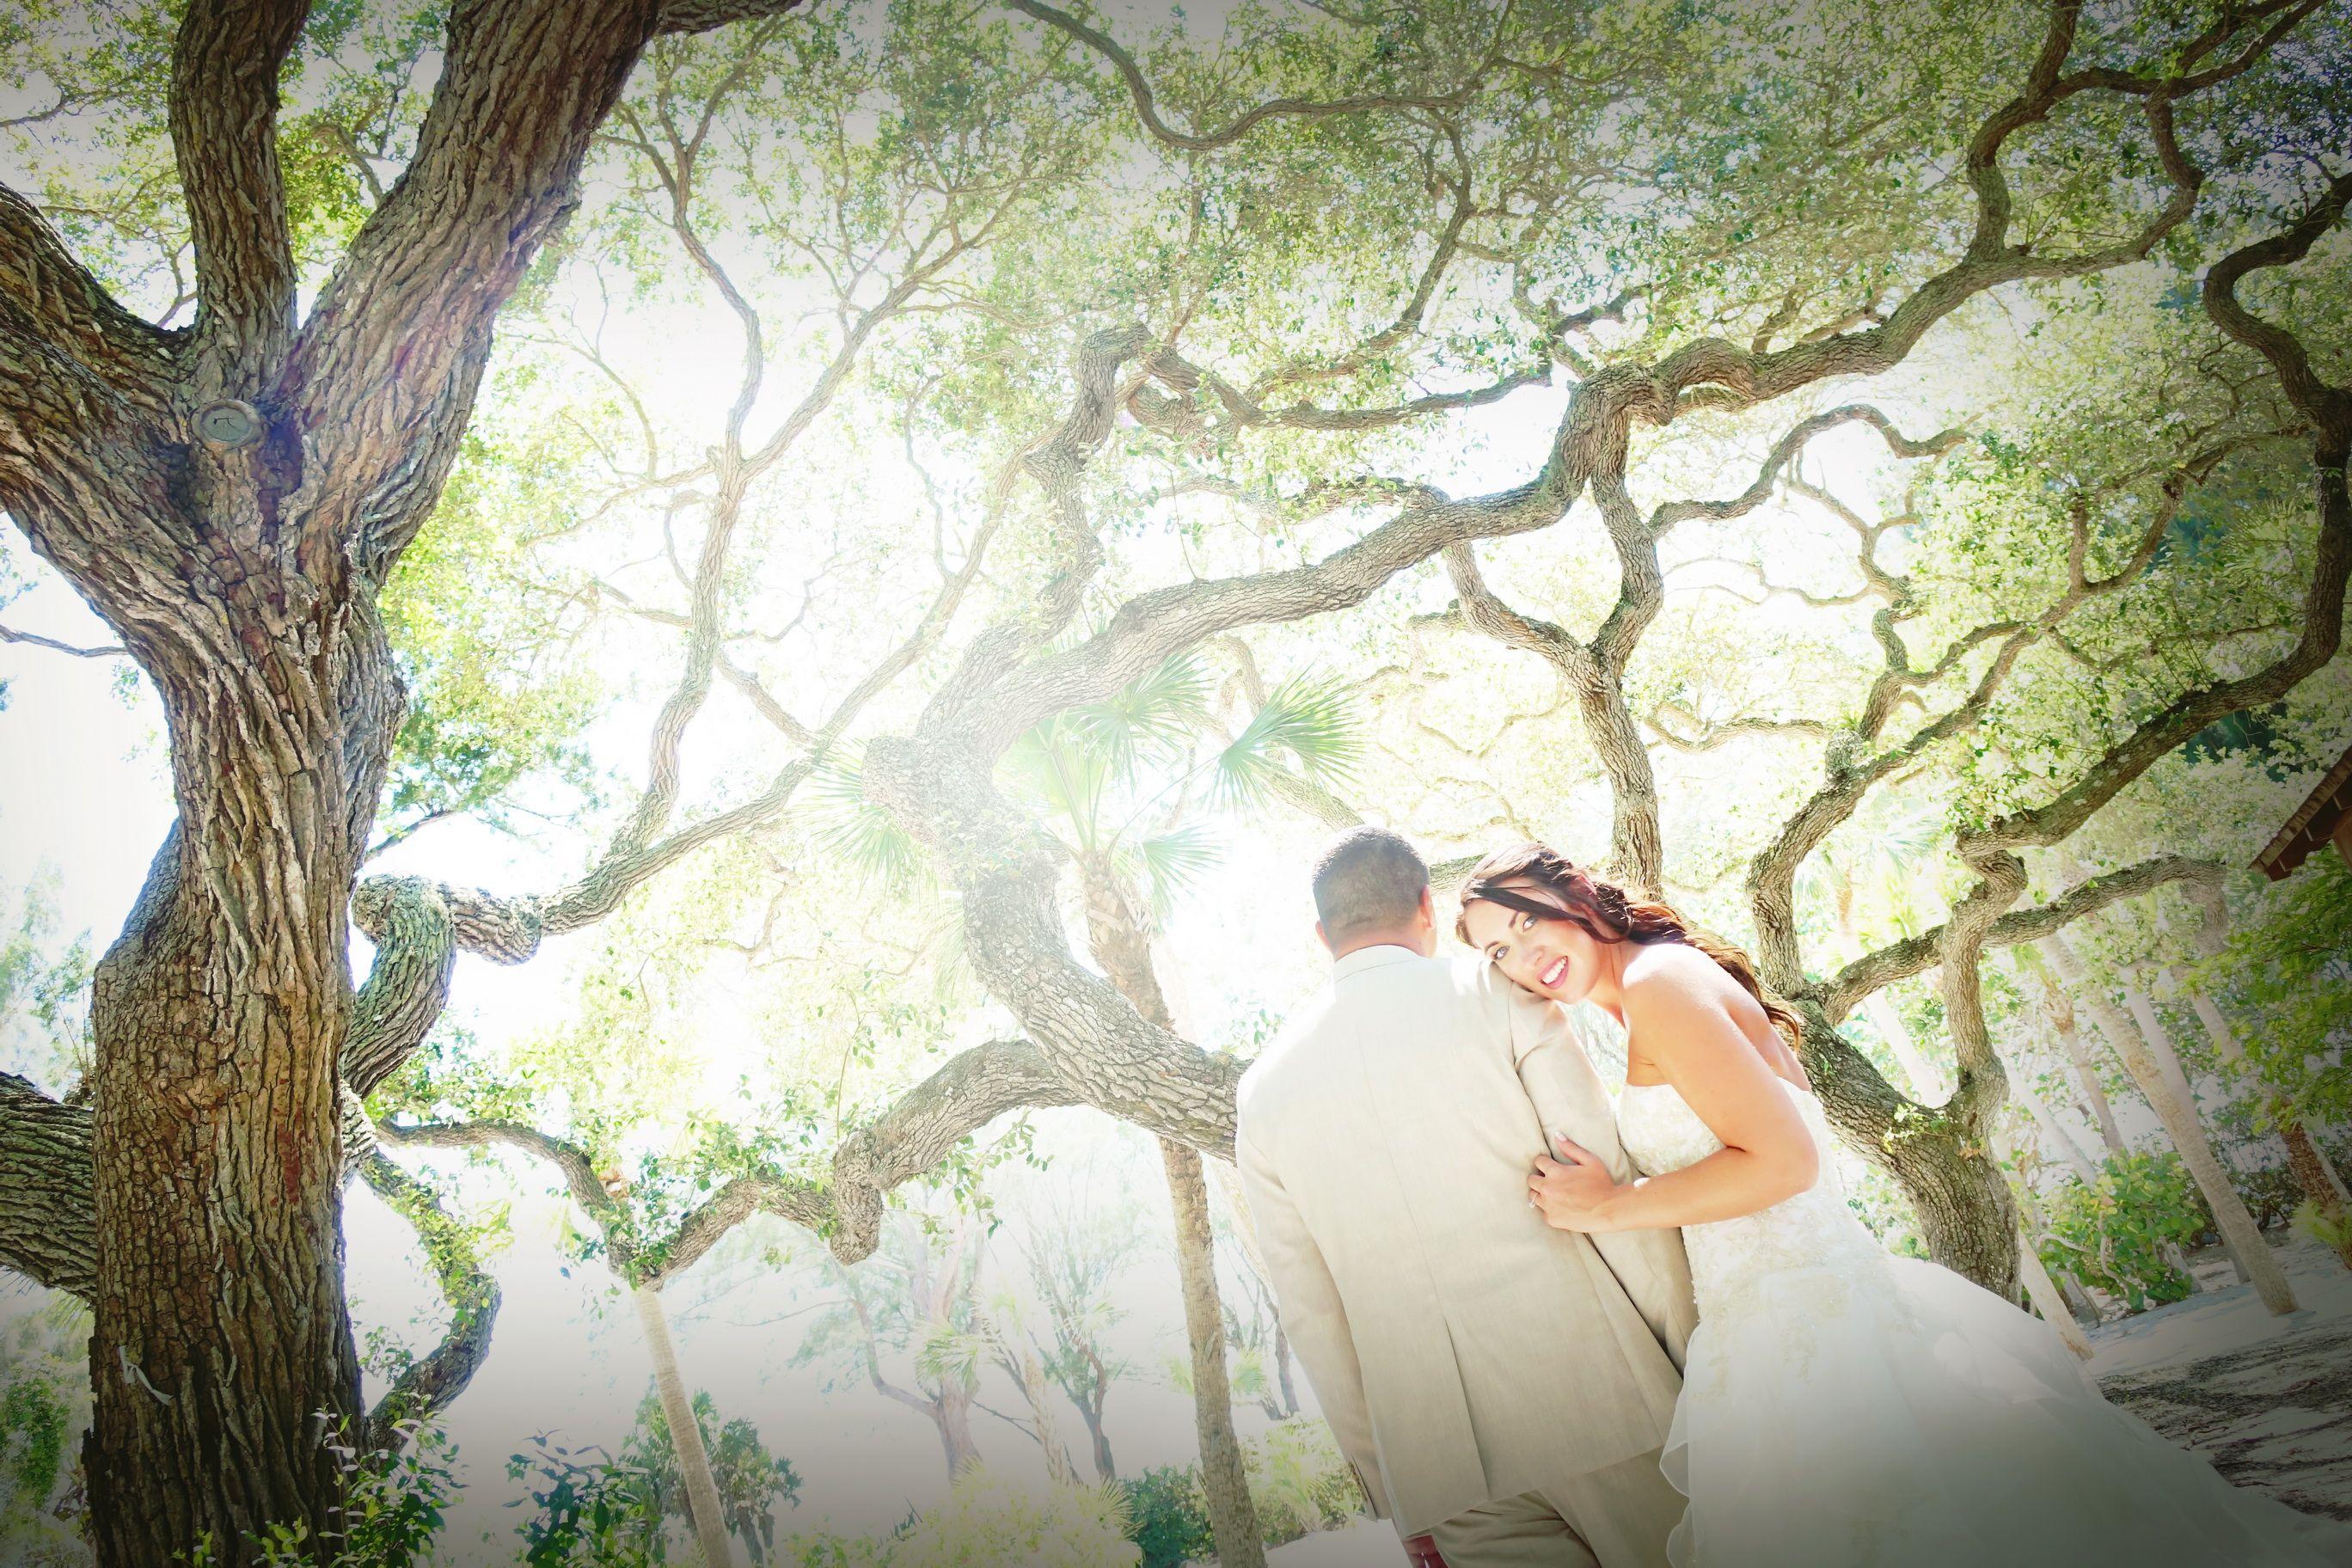 #outdoor wedding #garden ceremony #gold wedding #garden bride #garden wedding poses  #Florida destination wedding